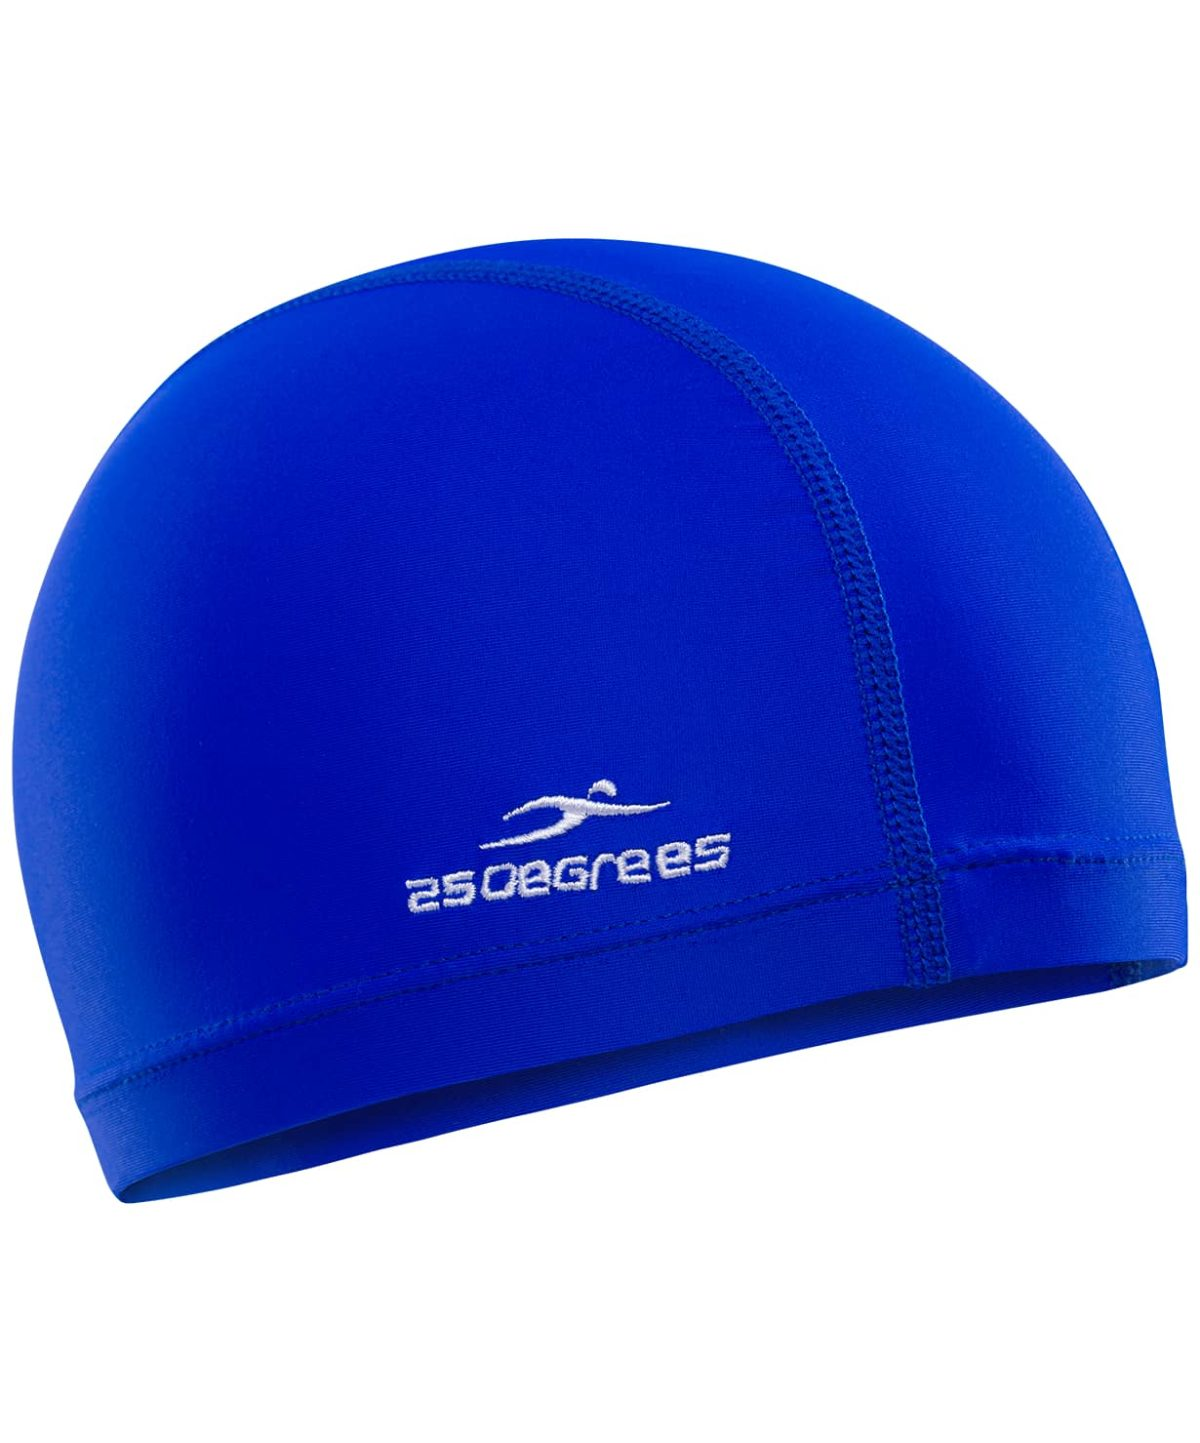 25DEGREES Шапочка для плавания Essence, полиамид 25D15-ES-22-32: голубой - 1